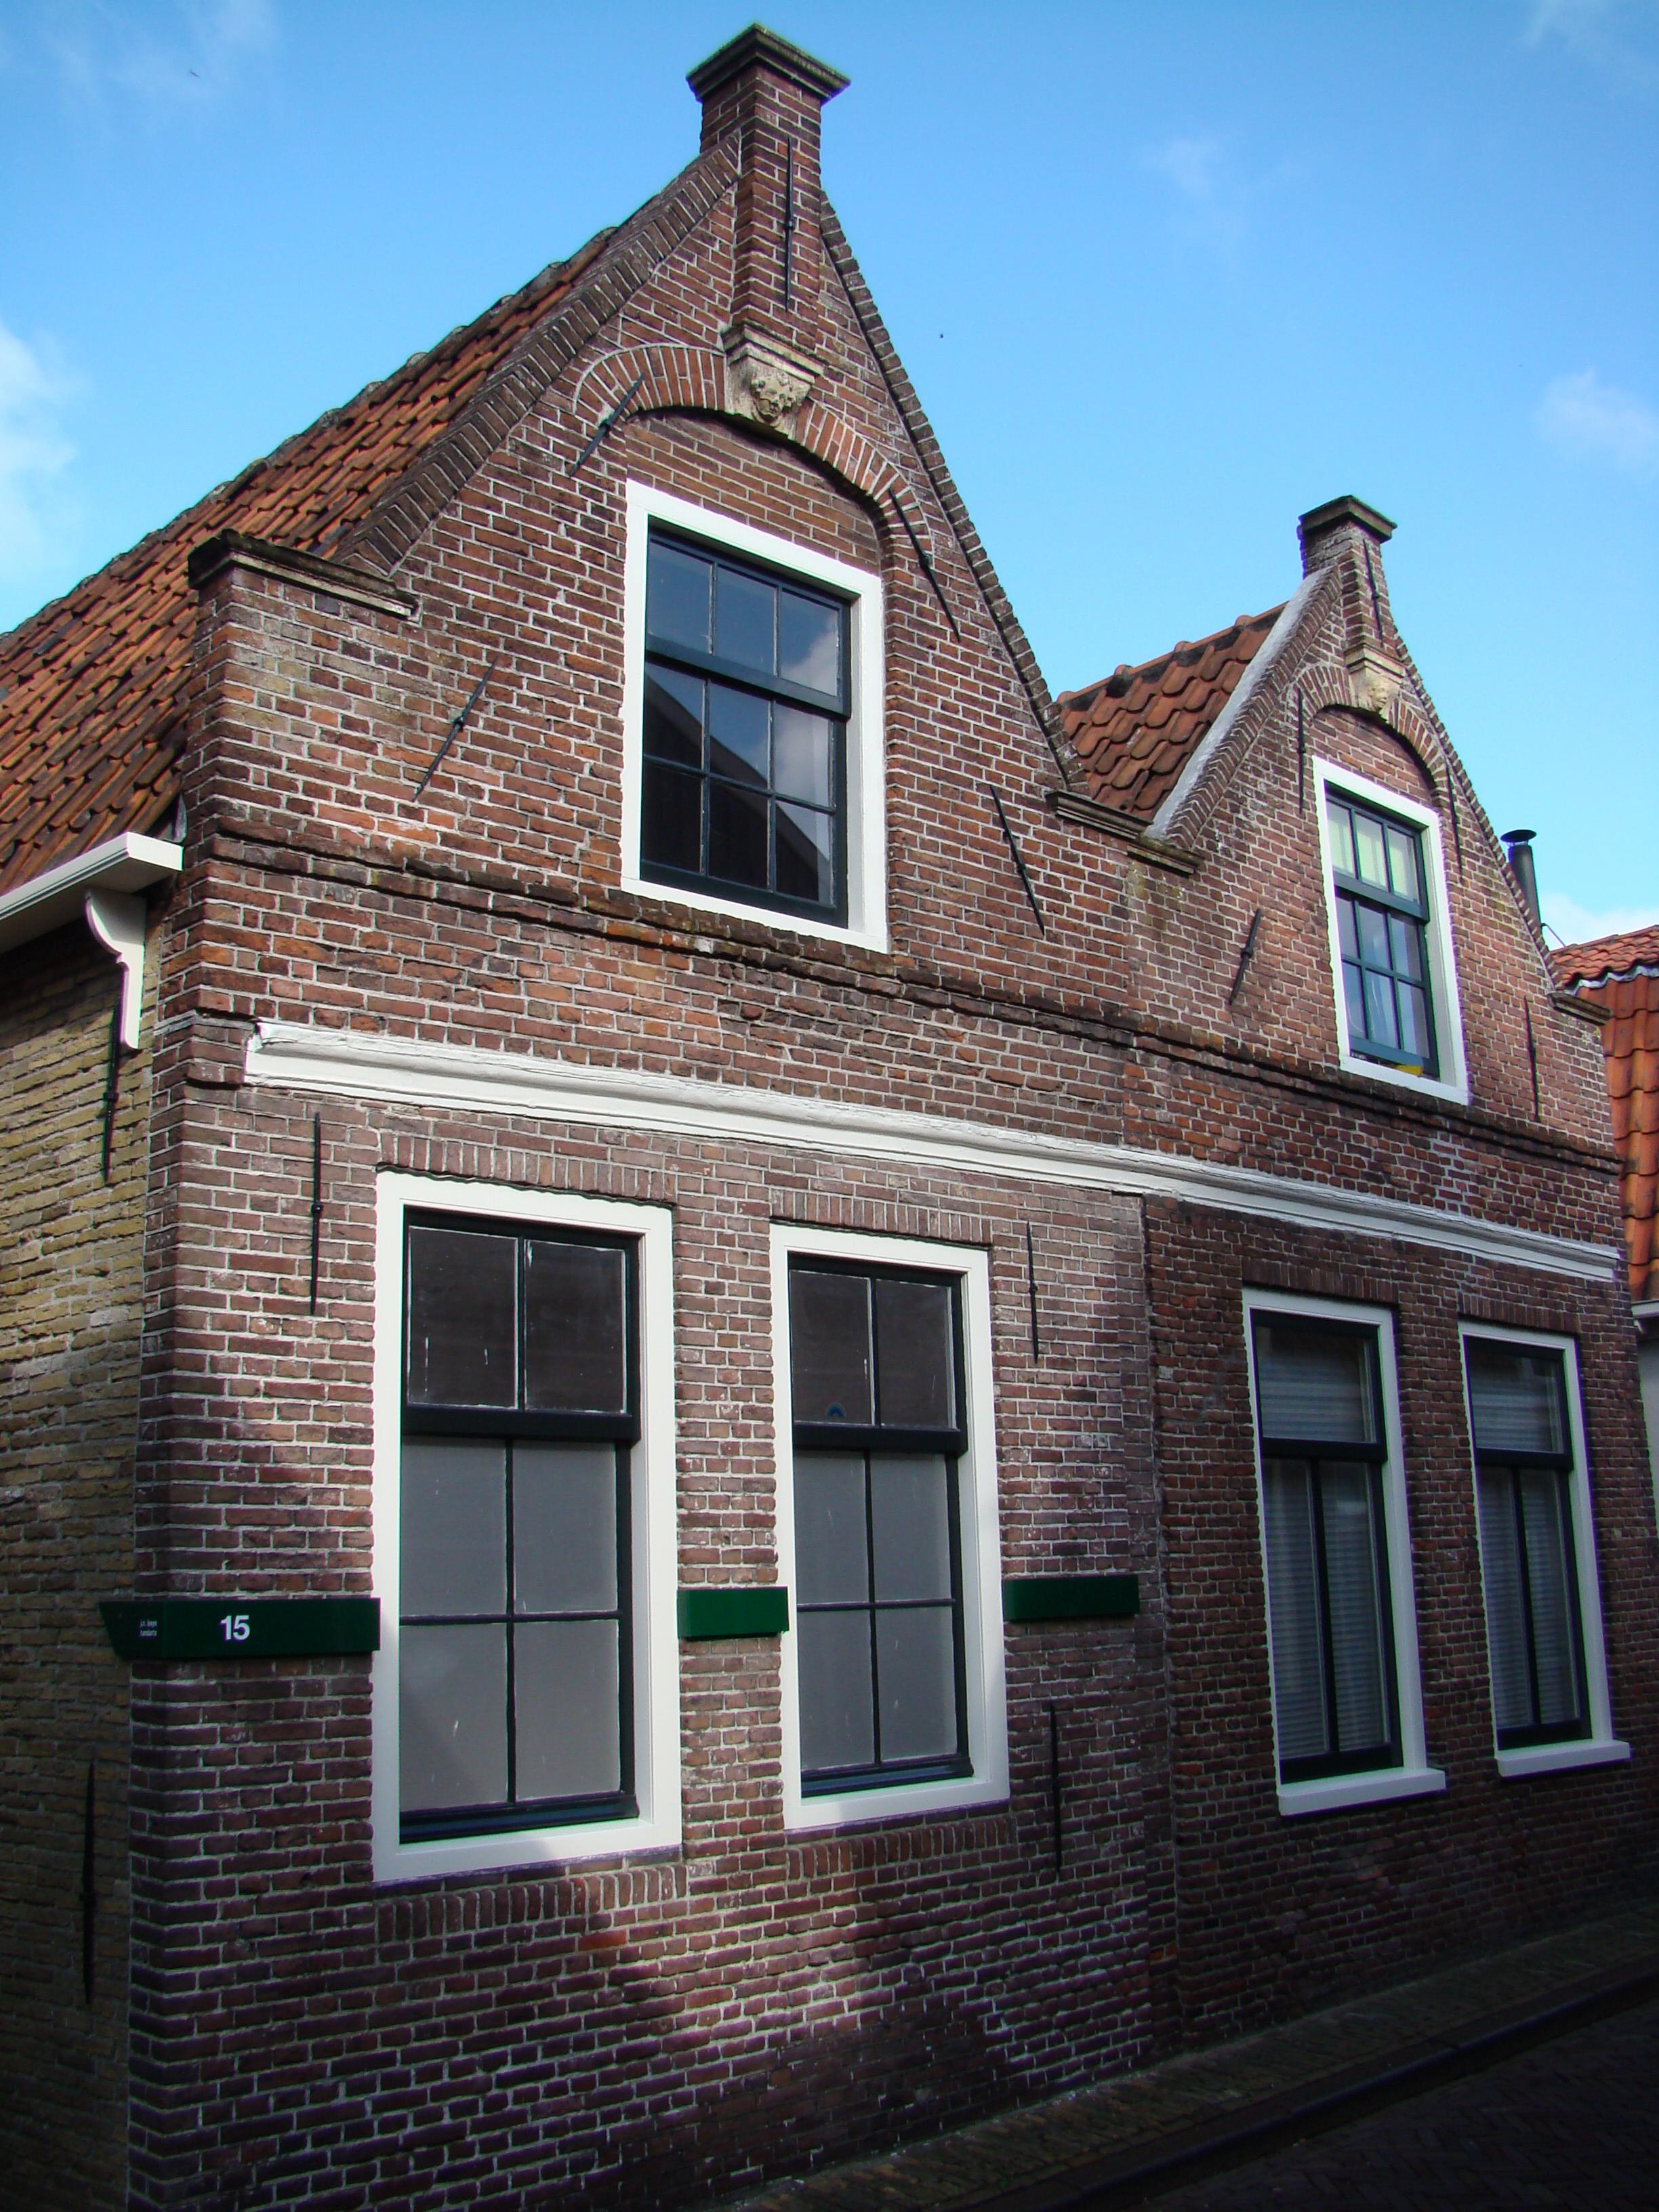 Huizen met gekoppelde gevels oorspronkelijk trapgevels de toppilasters op een maskerkraagsteen - Gevels van hedendaagse huizen ...